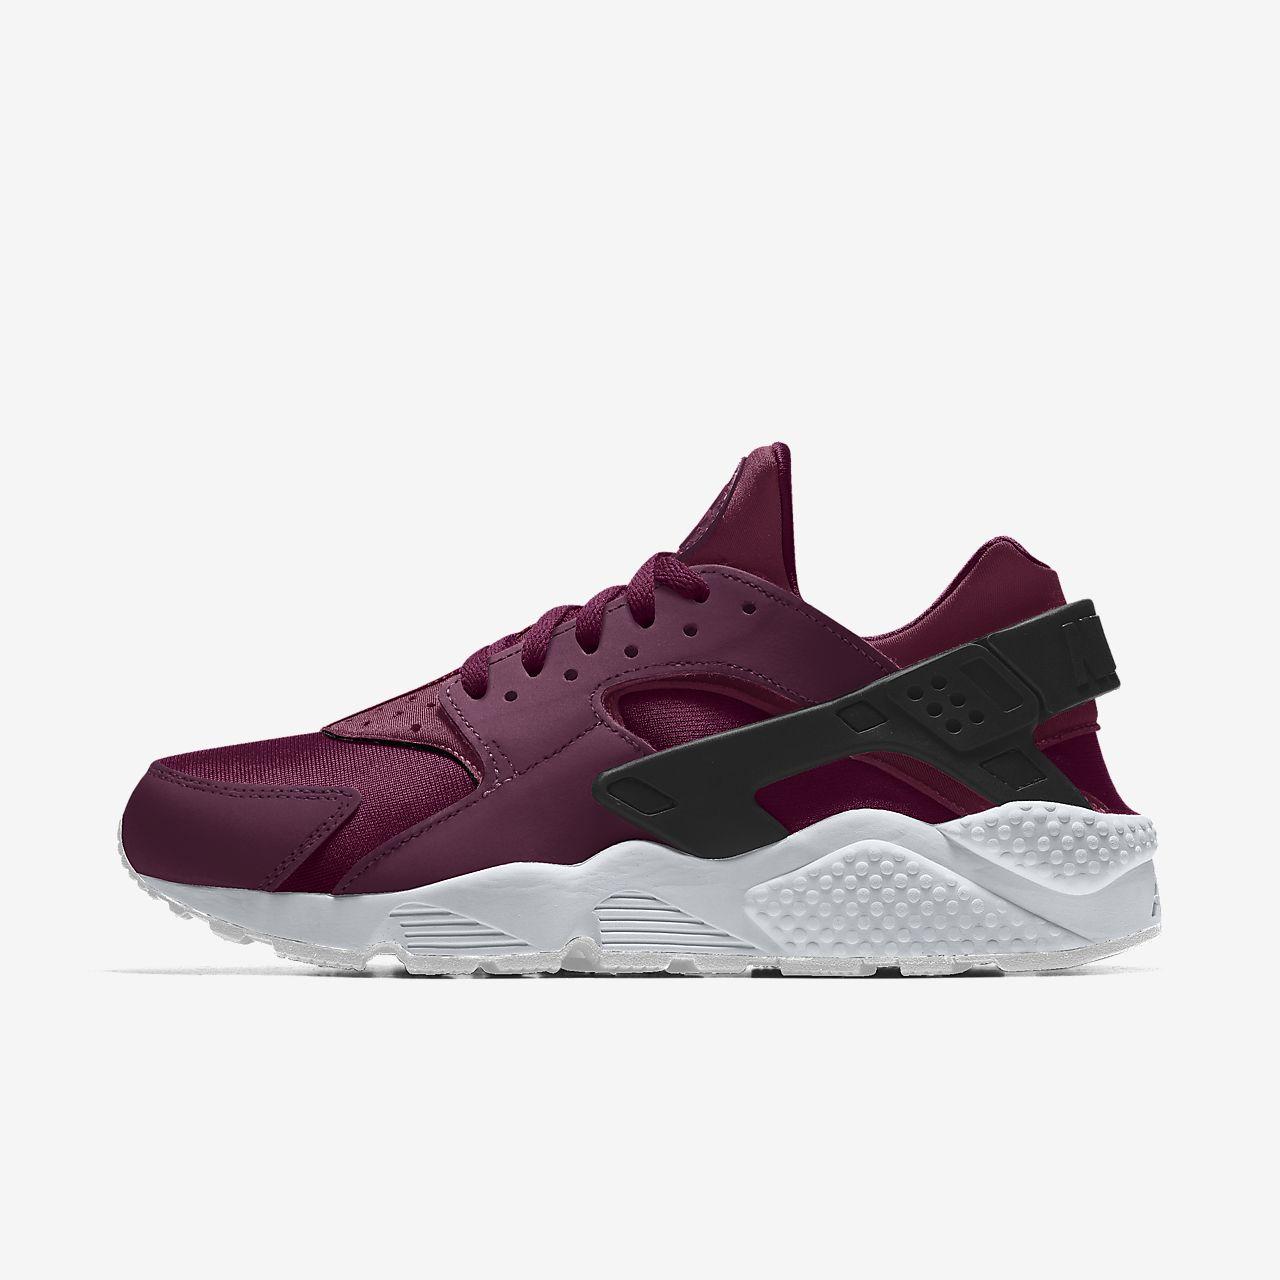 Sapatilhas personalizáveis Nike Air Huarache By You para homem